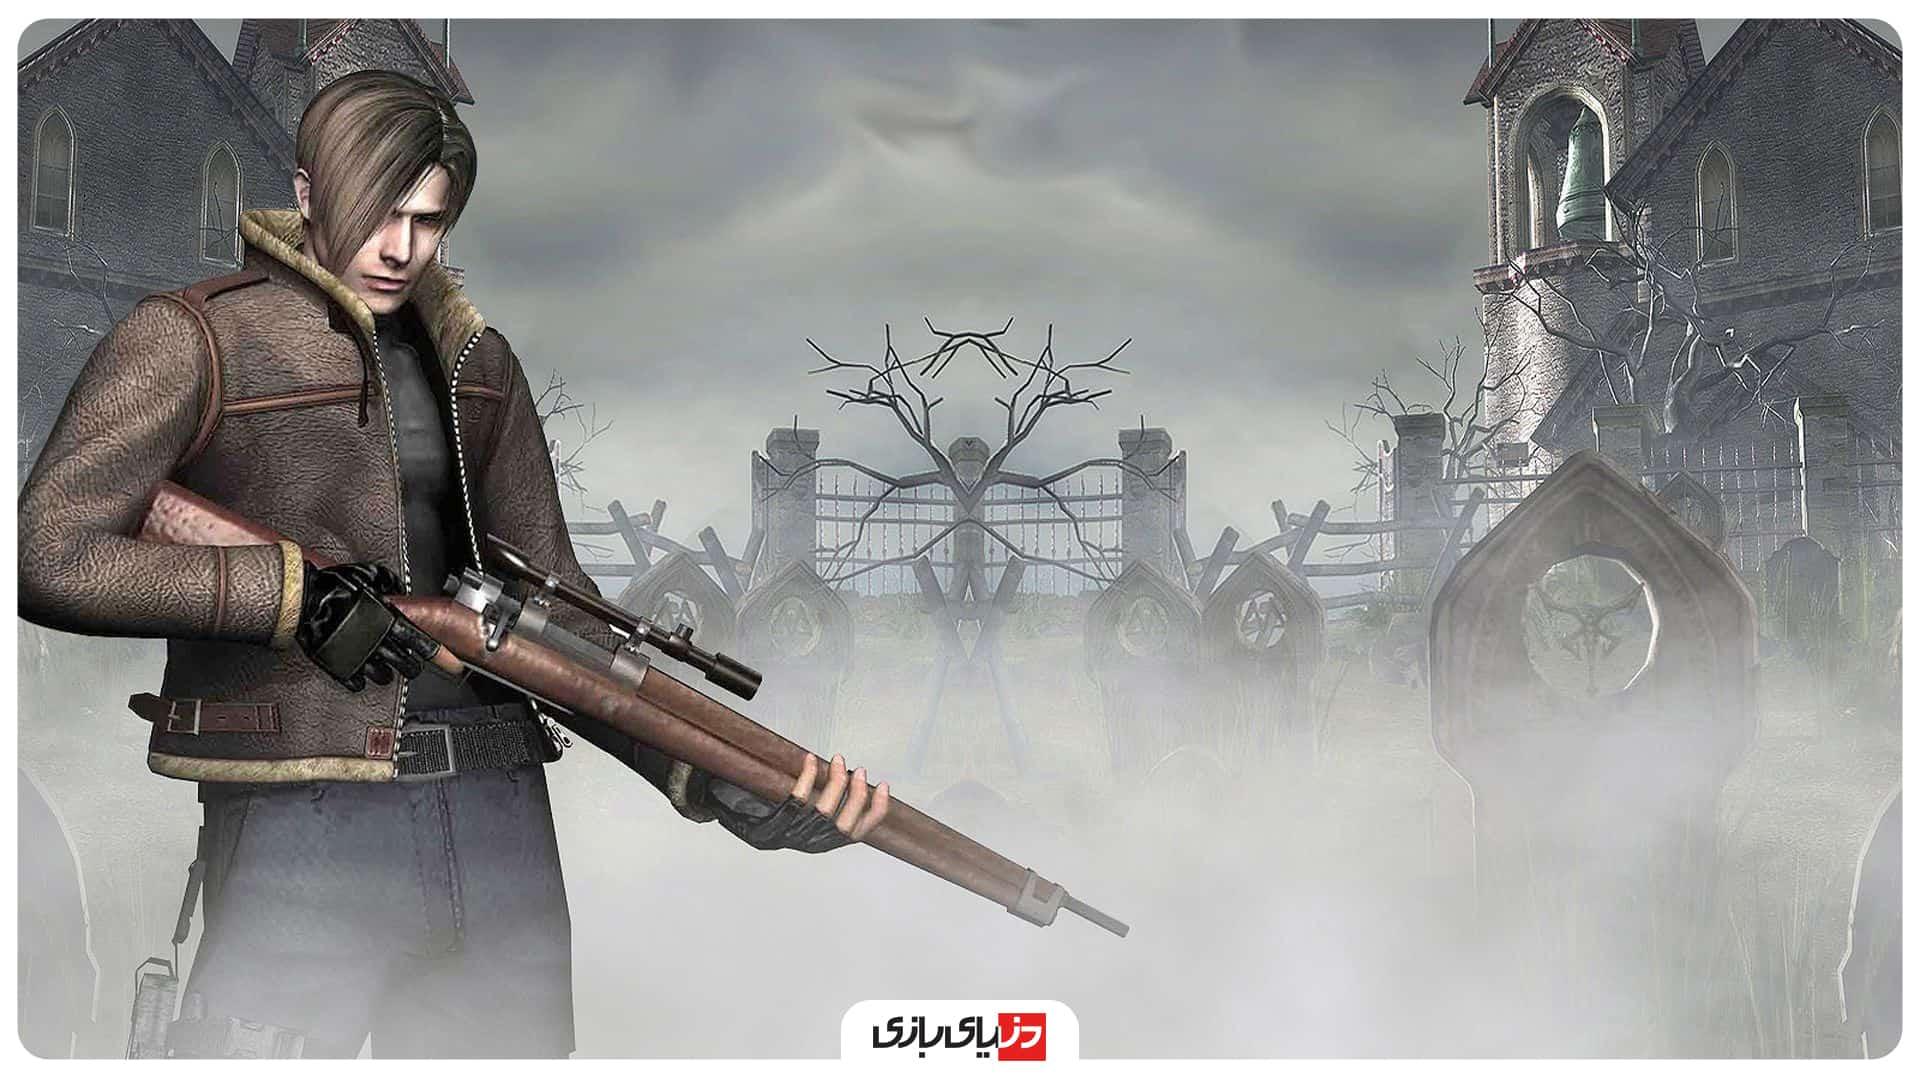 ترسناک ترین بازی های جهان - Resident Evil 4